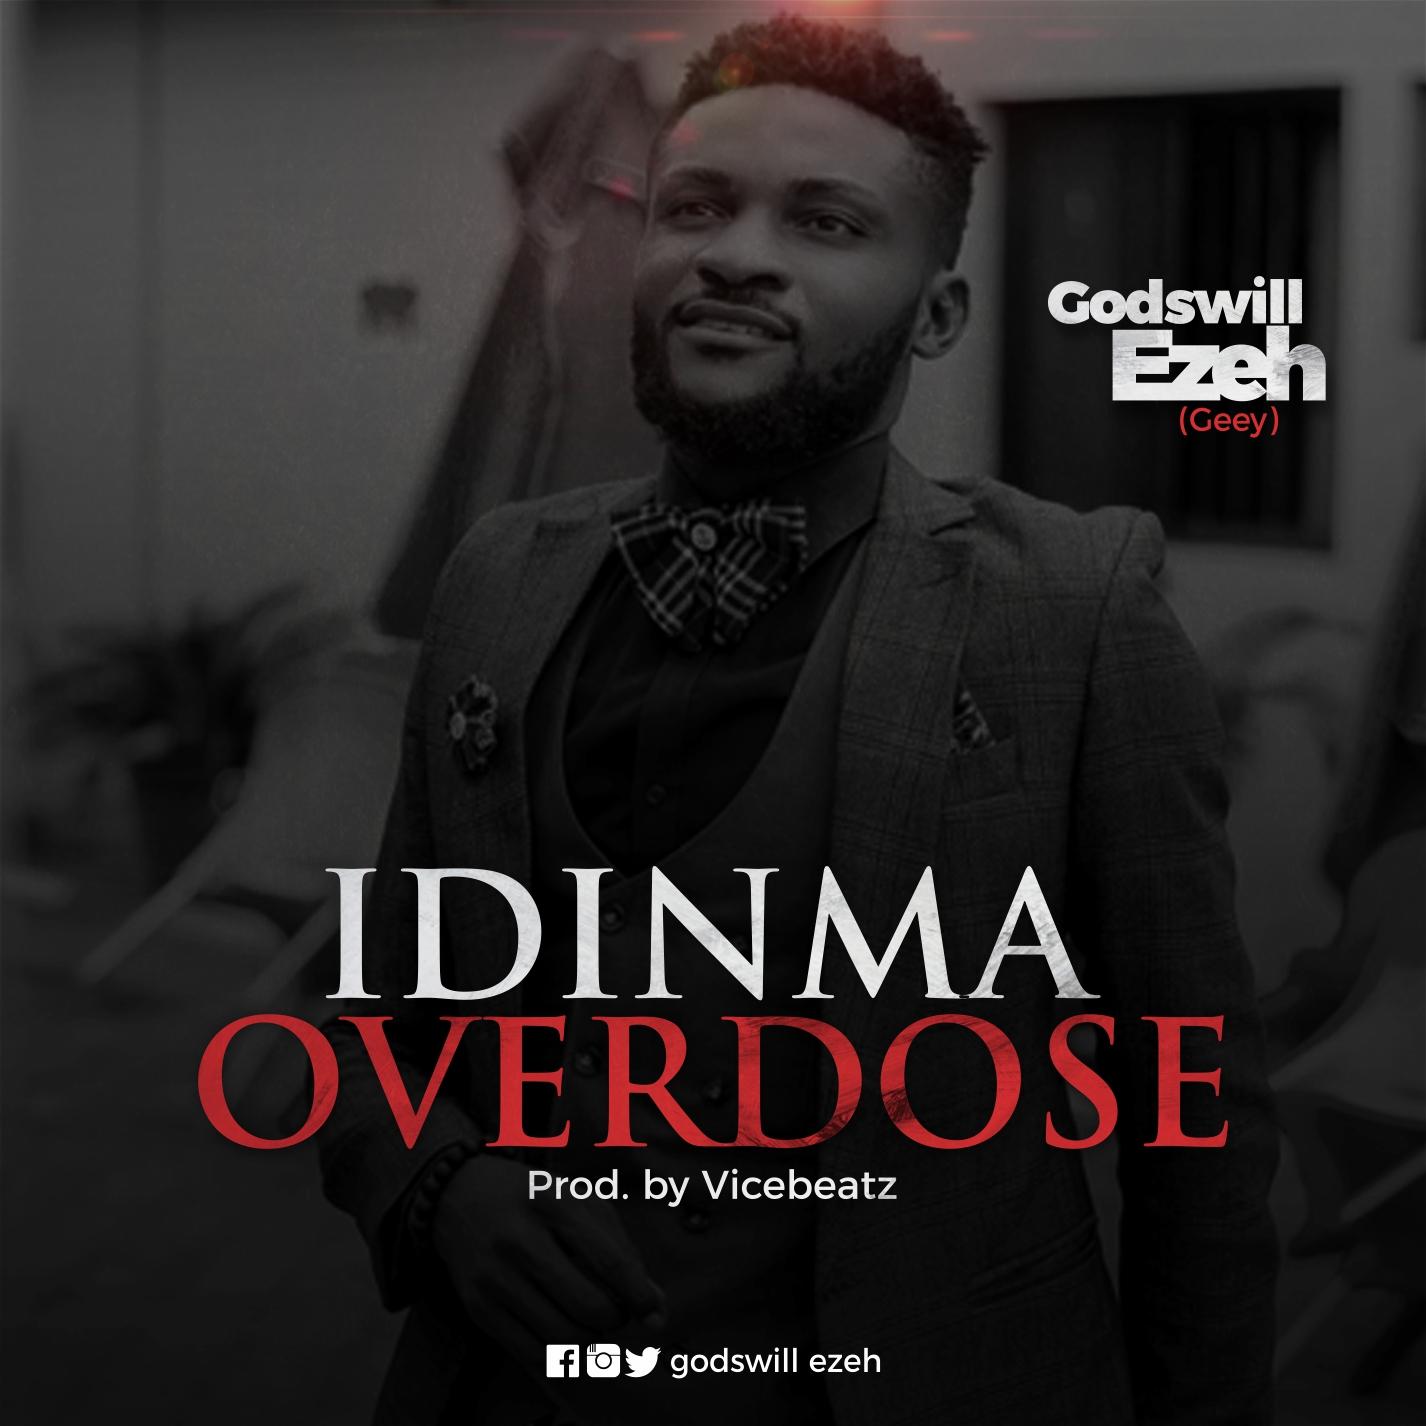 Godswill Ezeh Idinma Overdose